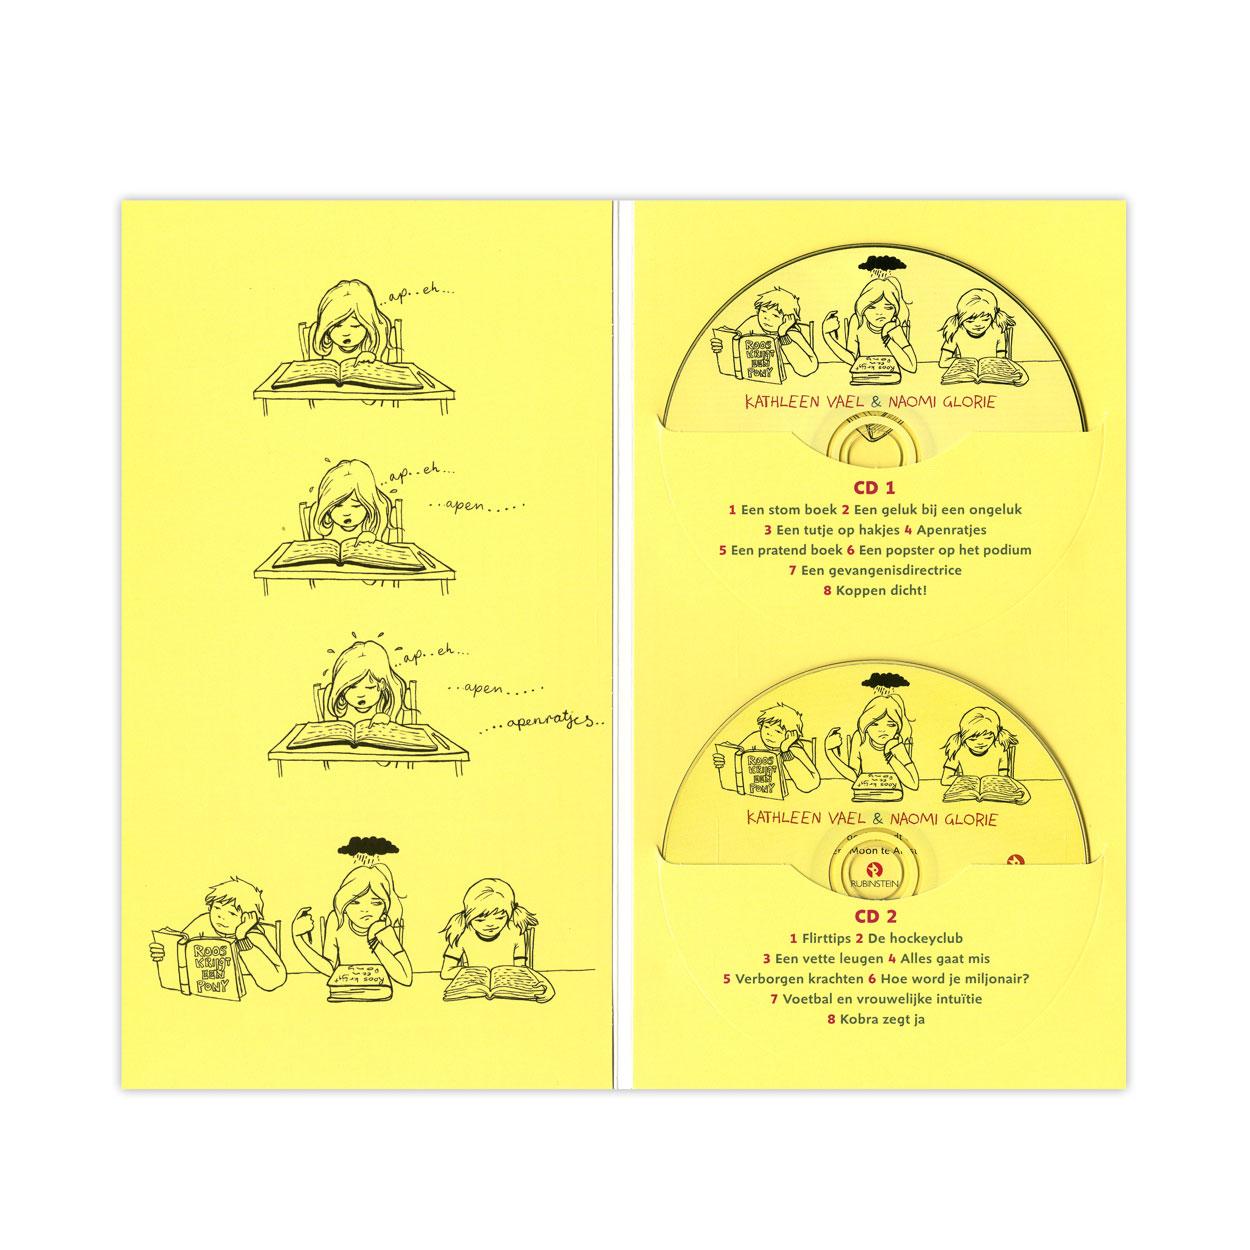 flirttips van dyslexiediva 'flirttips van een dyslexiediva' behandelt het thema dyslexie dit luisterboek is daarom een must-have voor dyslectische kinderen en voor iedereen die gewoon van.